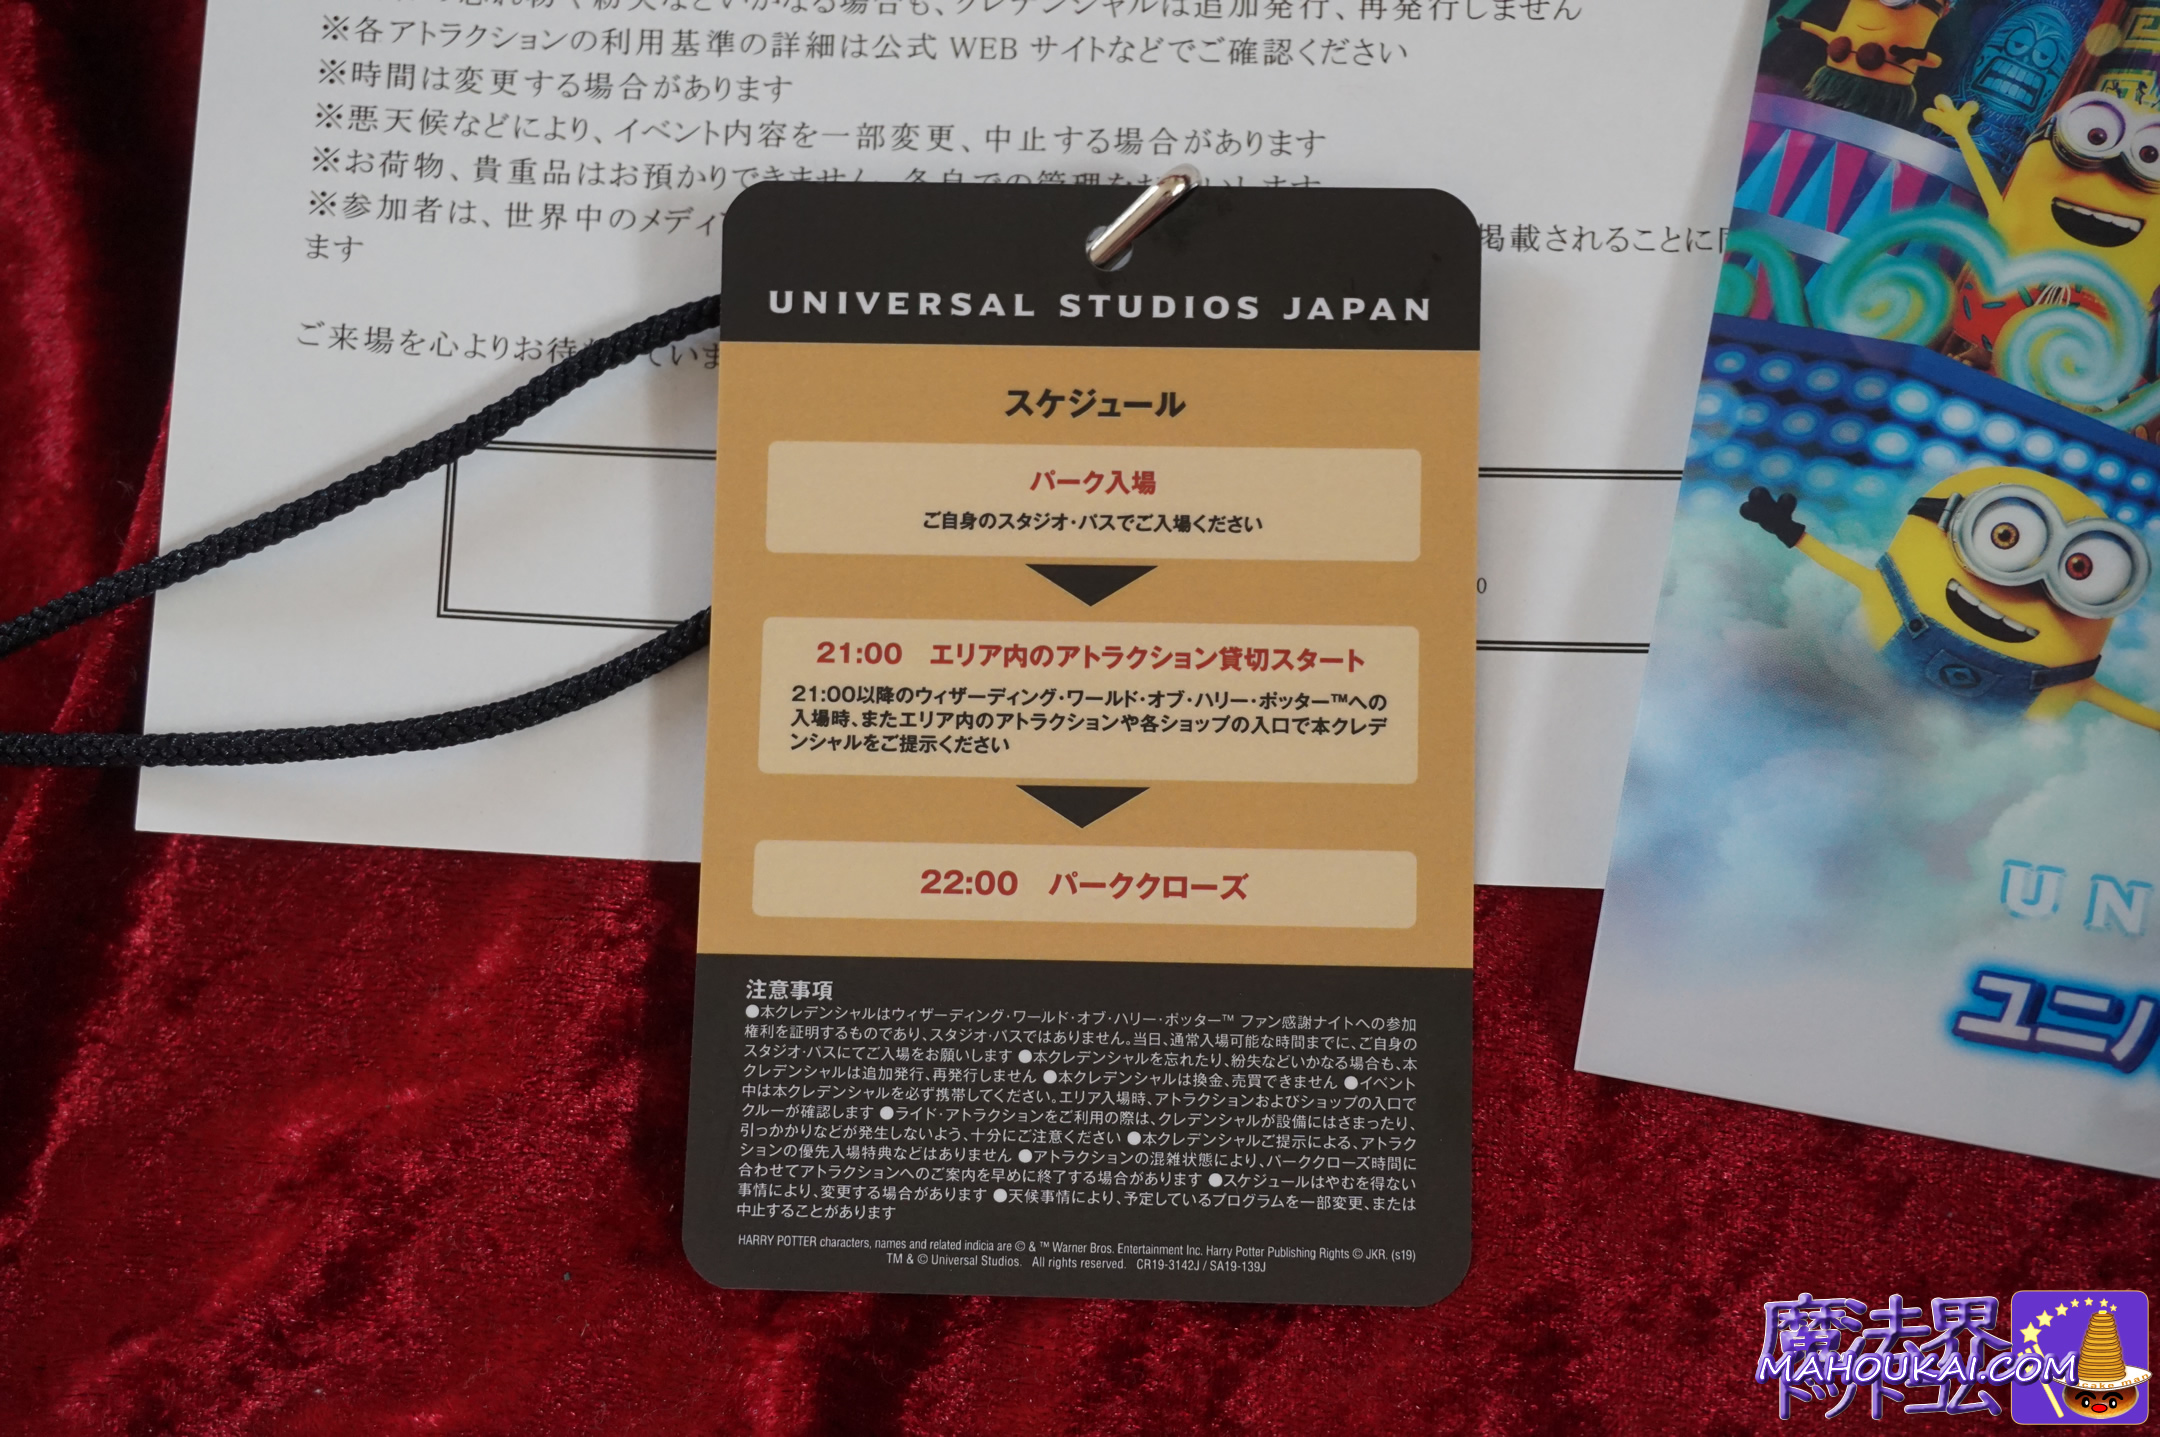 USJハリーポッター エリア ファン感謝ナイト2019年10月10日クレデンシャル